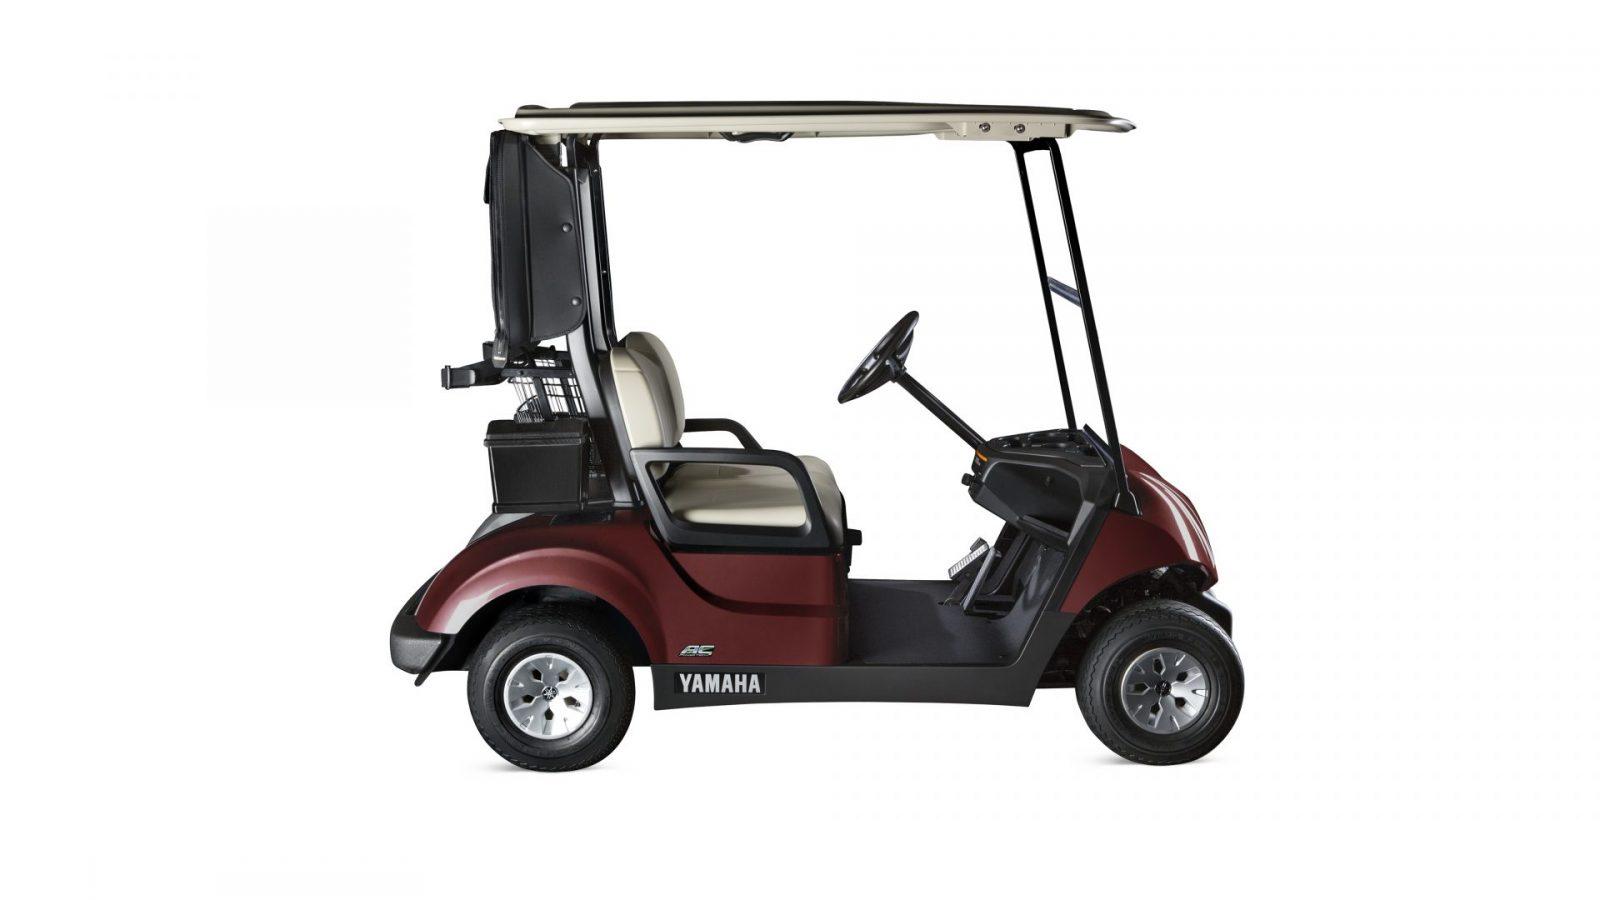 voiturette de golf yamaha drive 2 bordeaux